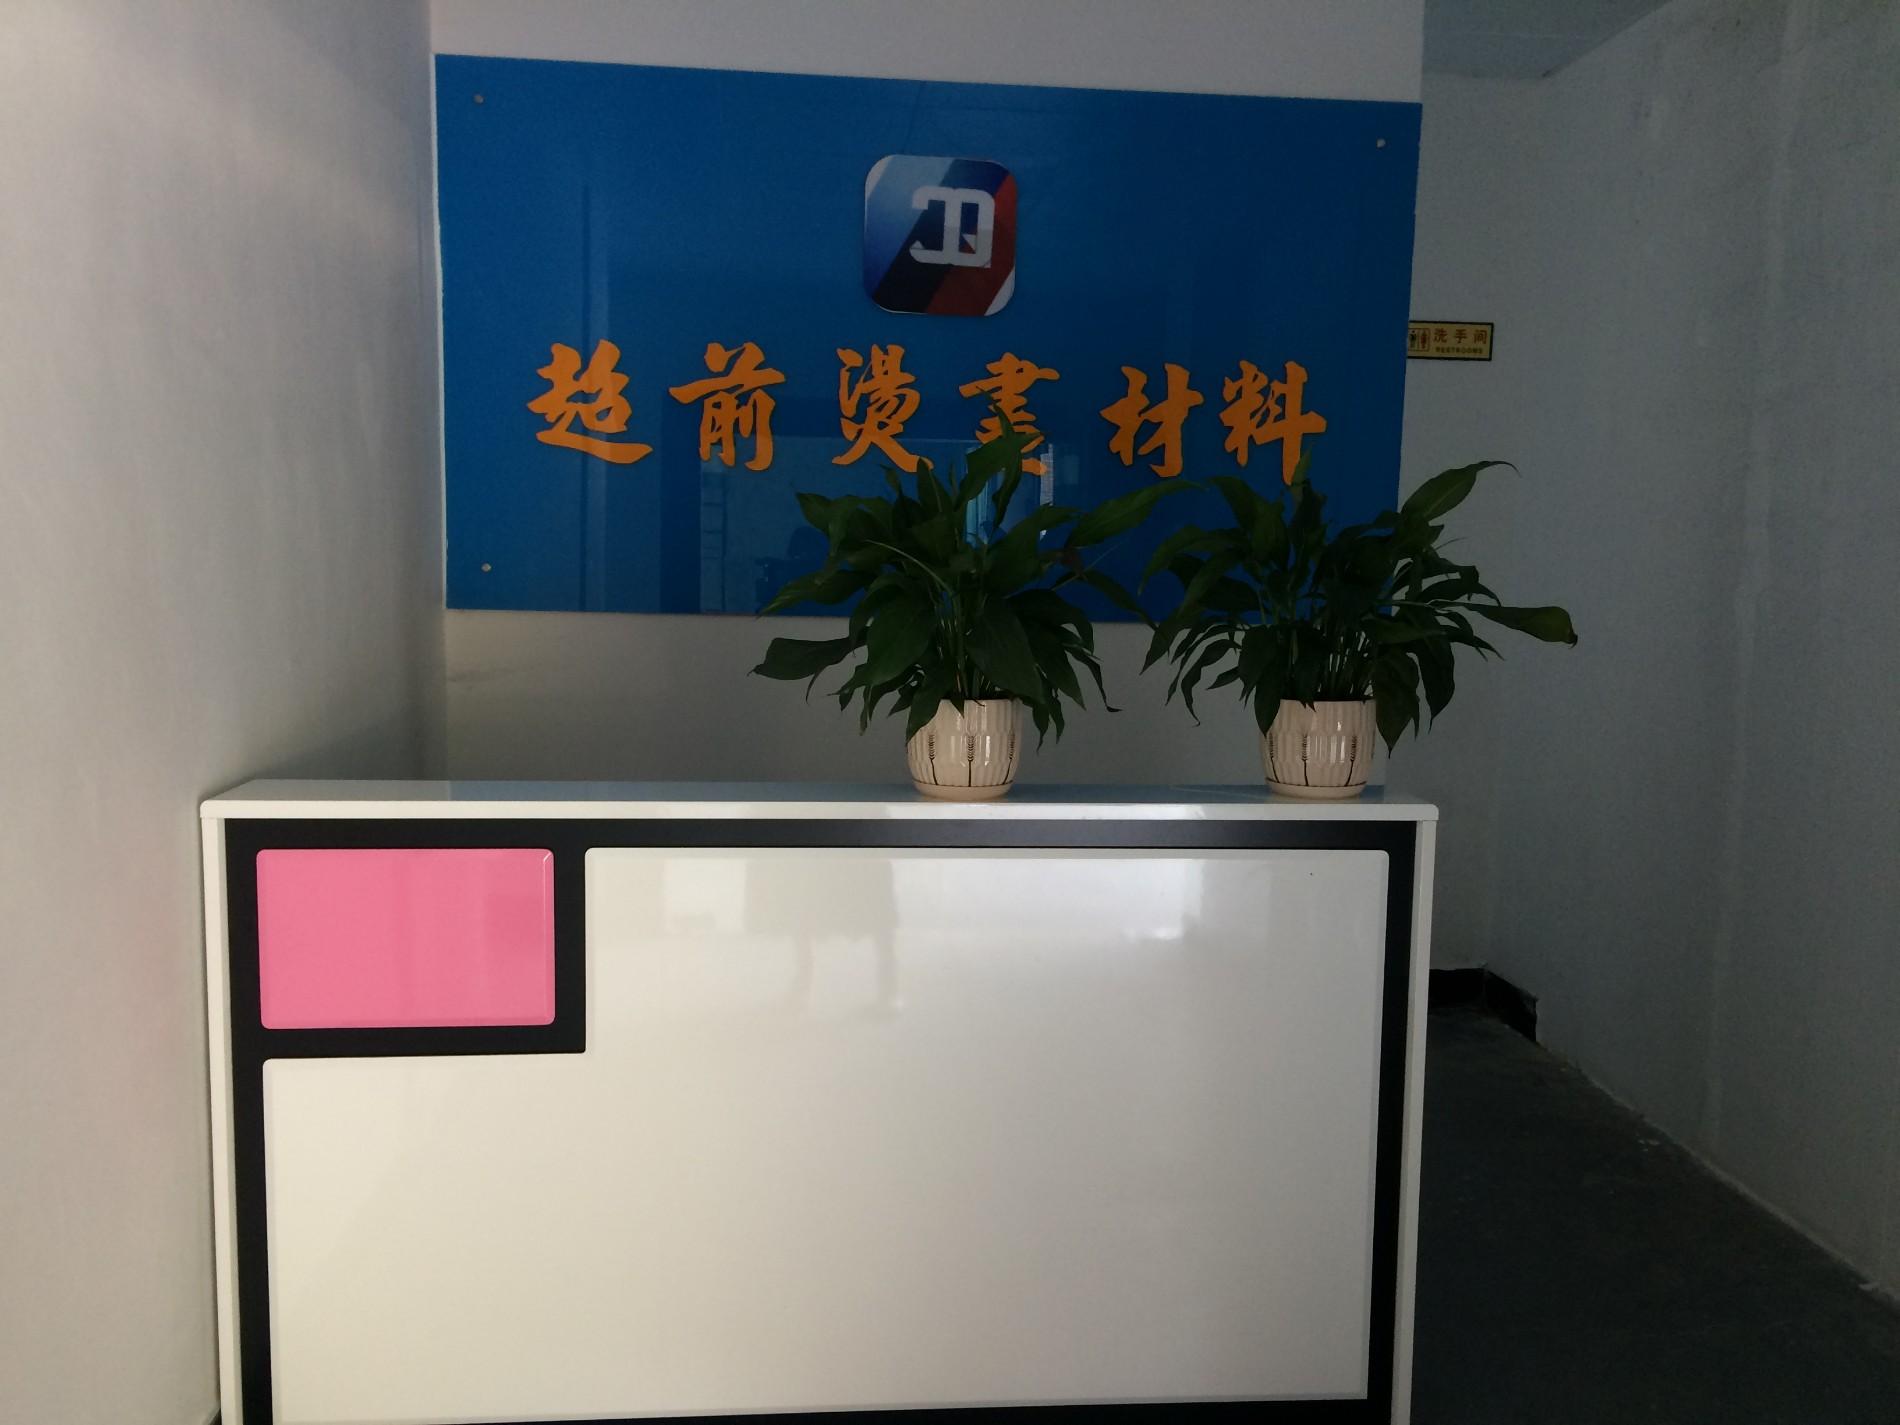 Chaoqian News